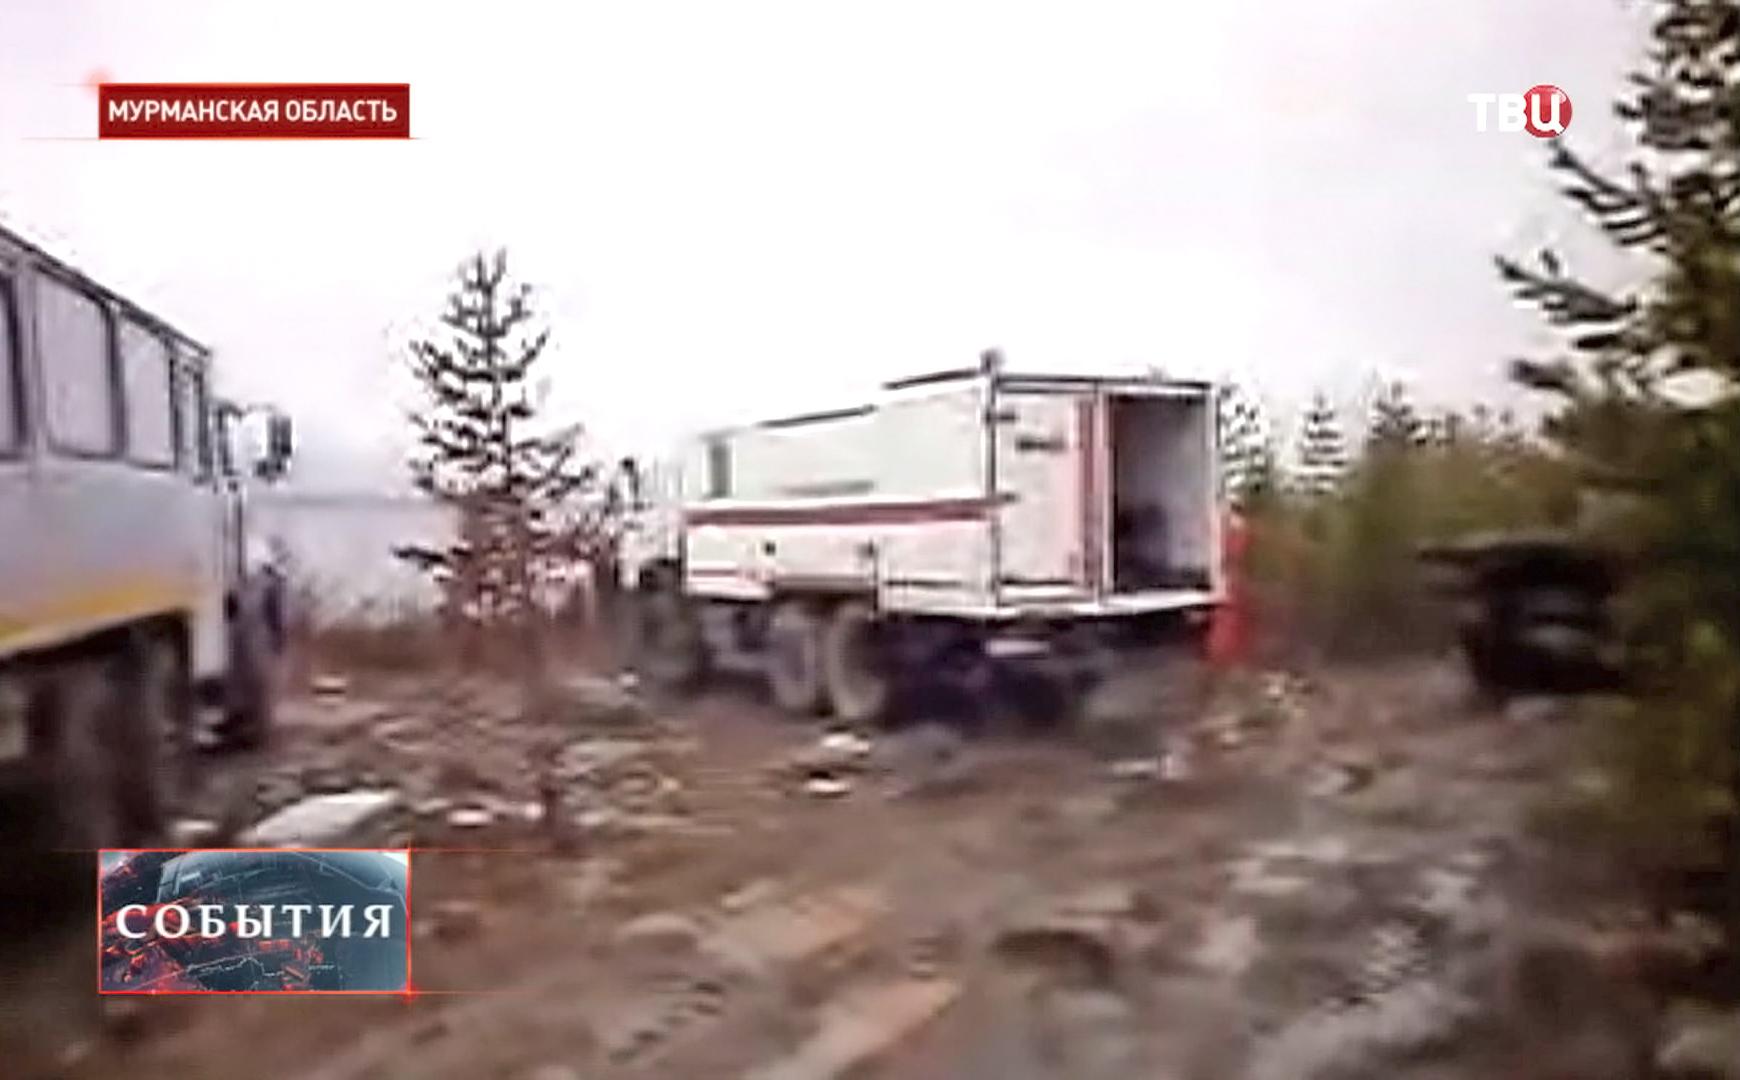 Спасательная помощь на месте падения вертолета